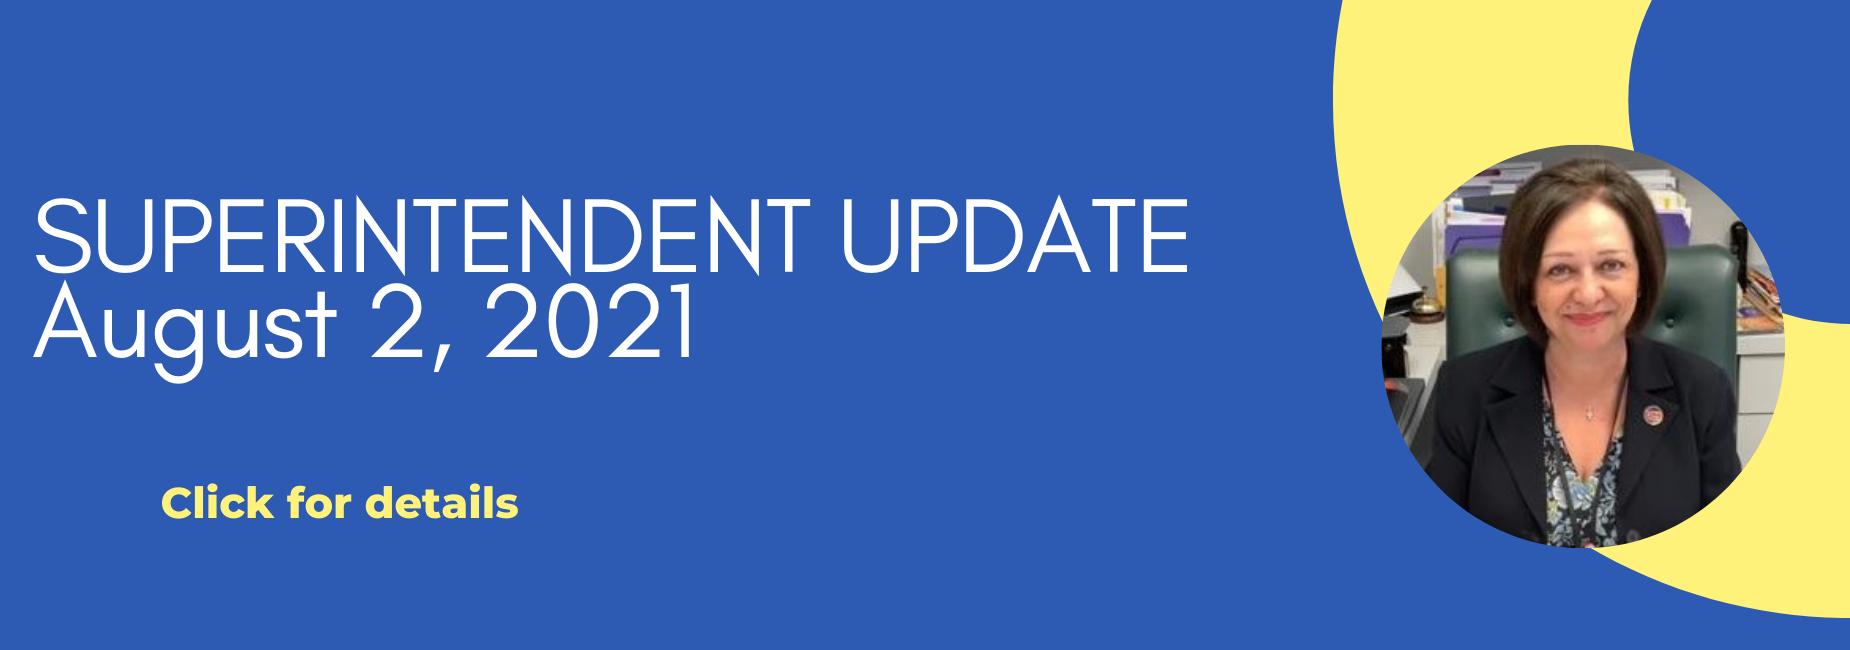 Superintendent Update August 2, 2021